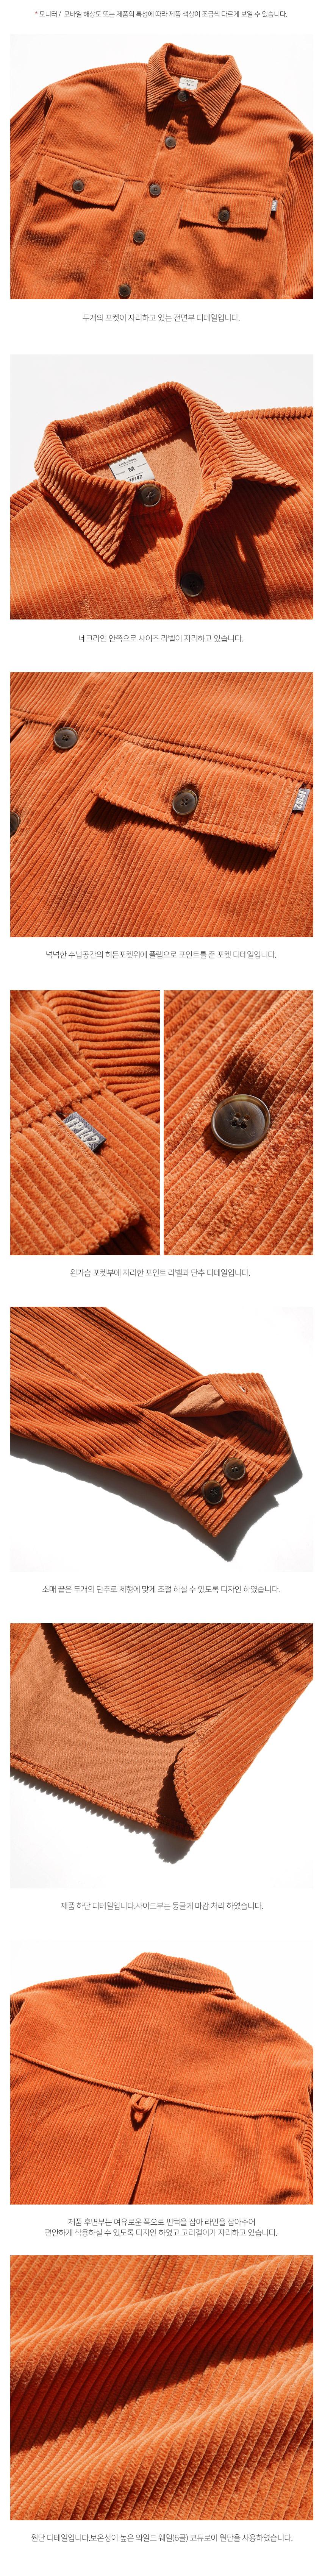 4.SJLS1223_detail_orange2_SJ.jpg